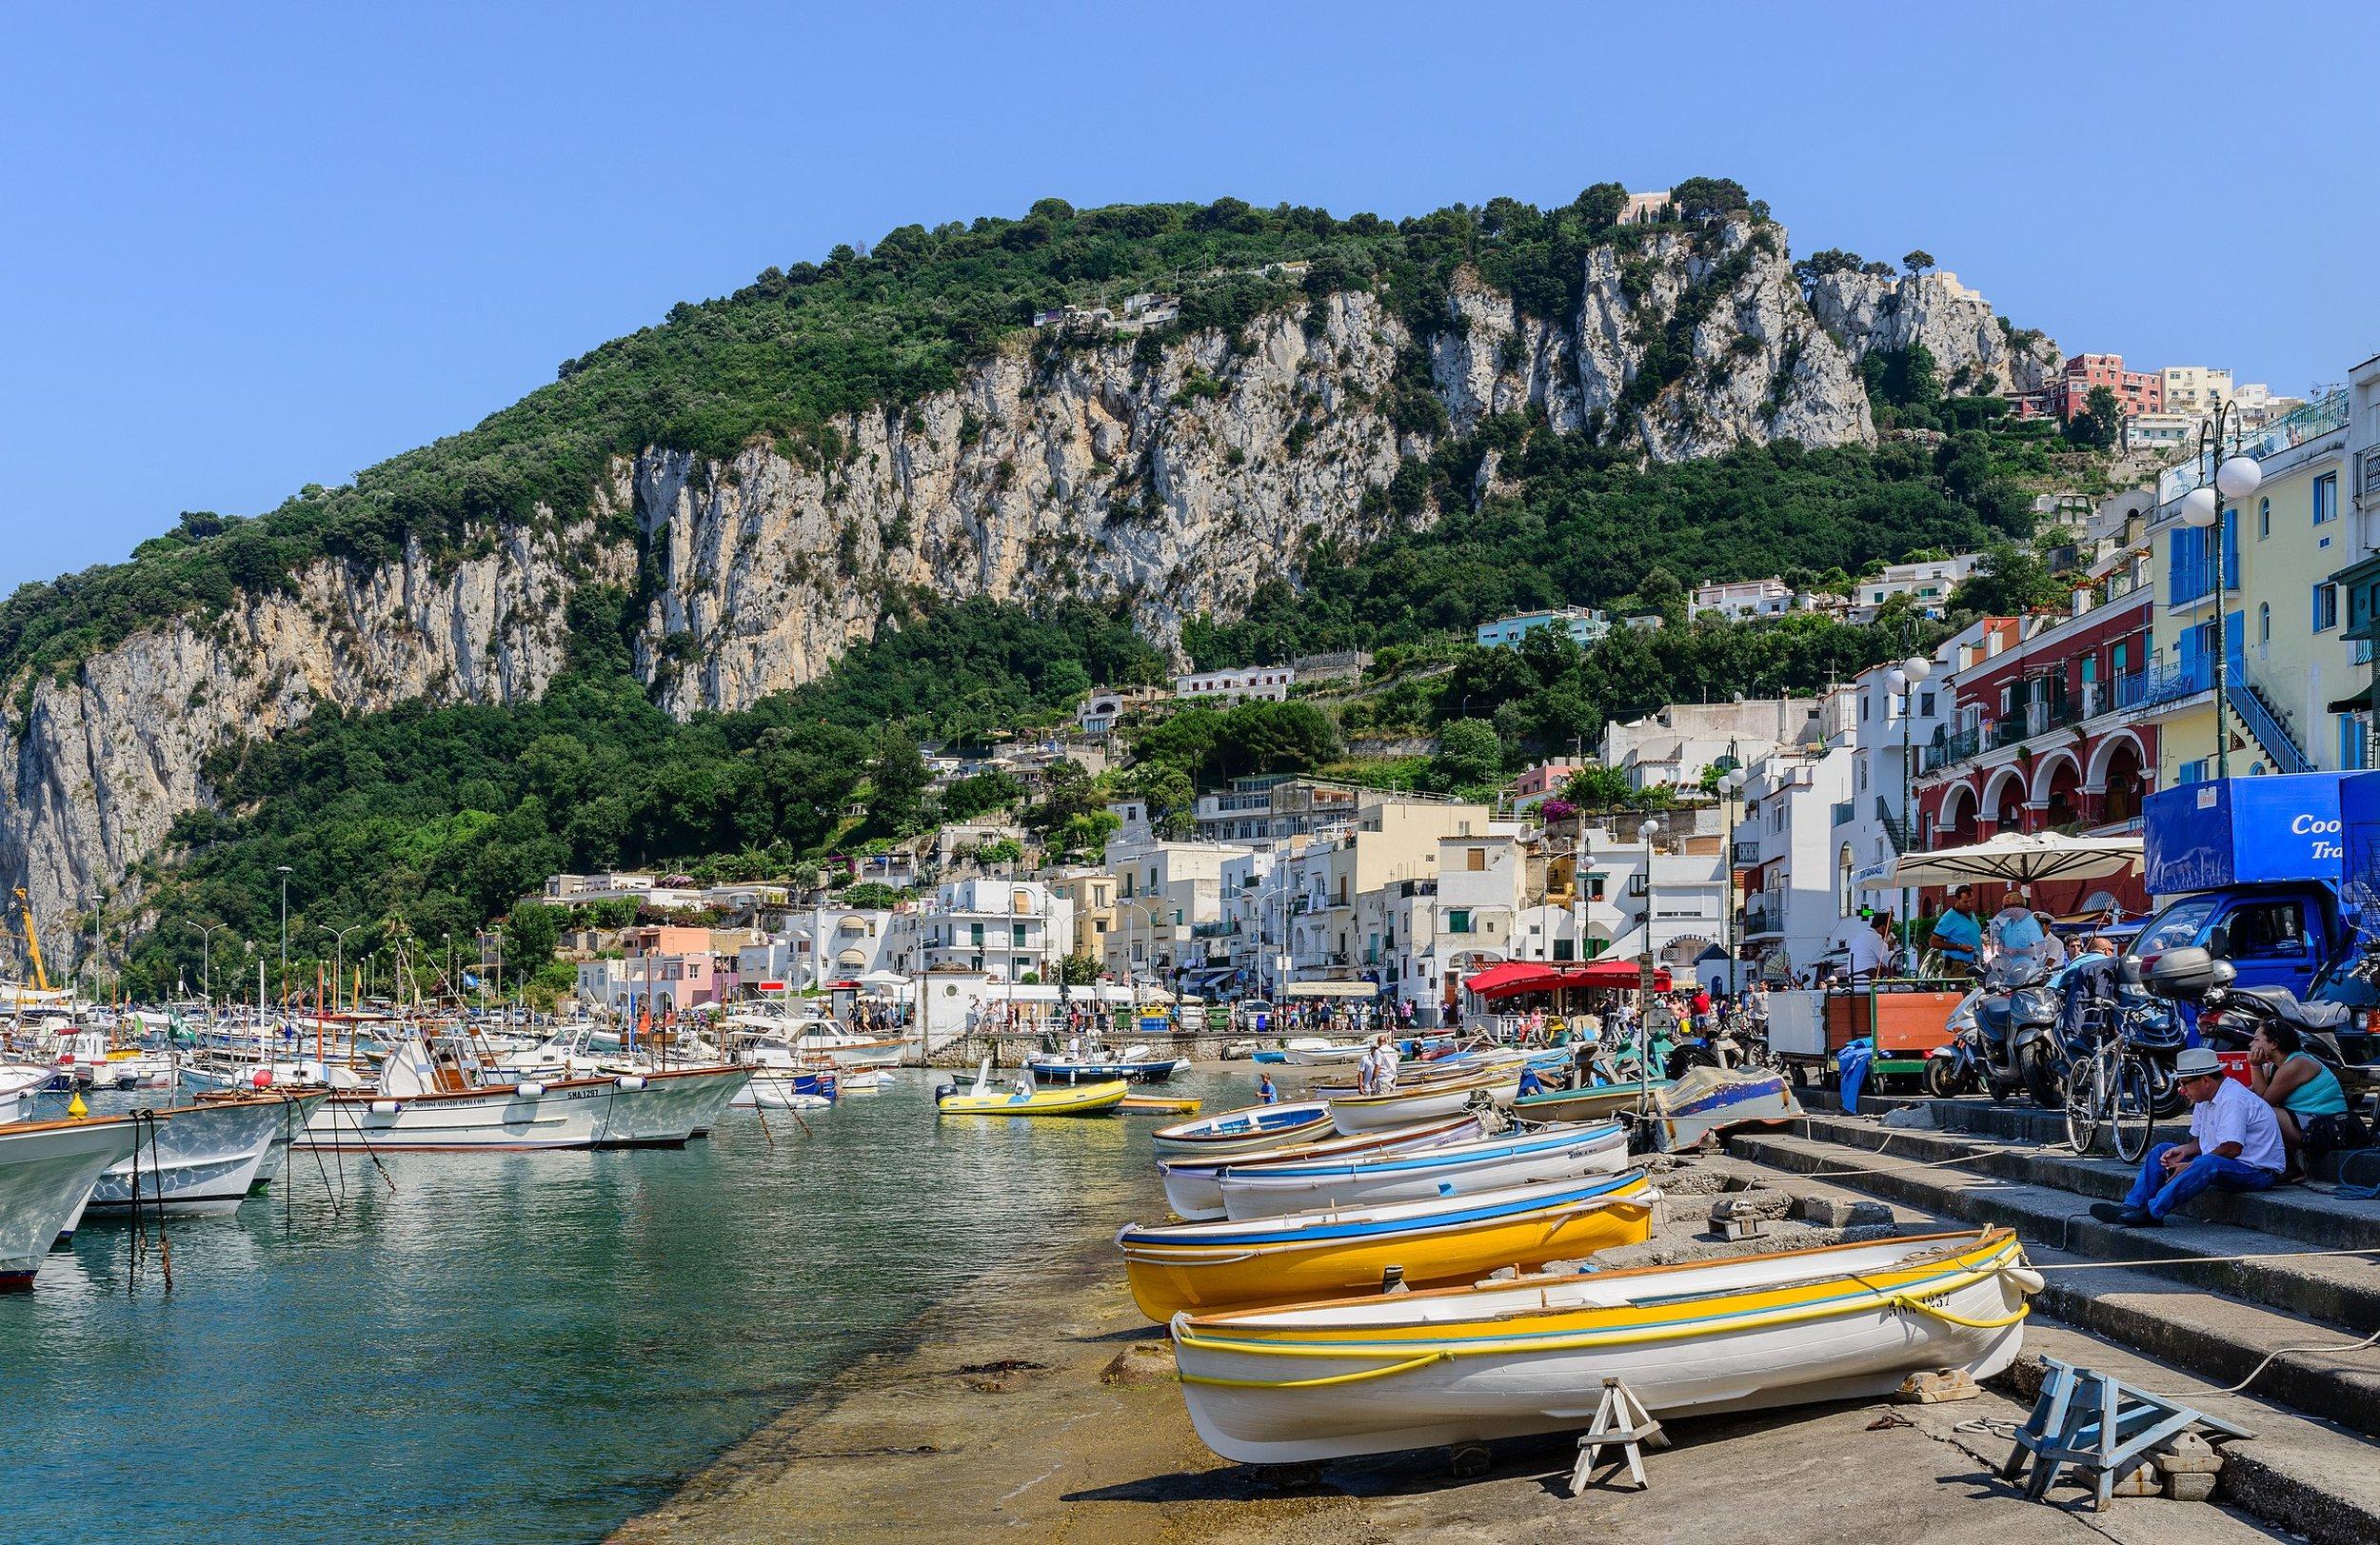 Capri_island_-_Campania_-_Italy_-_July_12th_2013_-_15.jpg